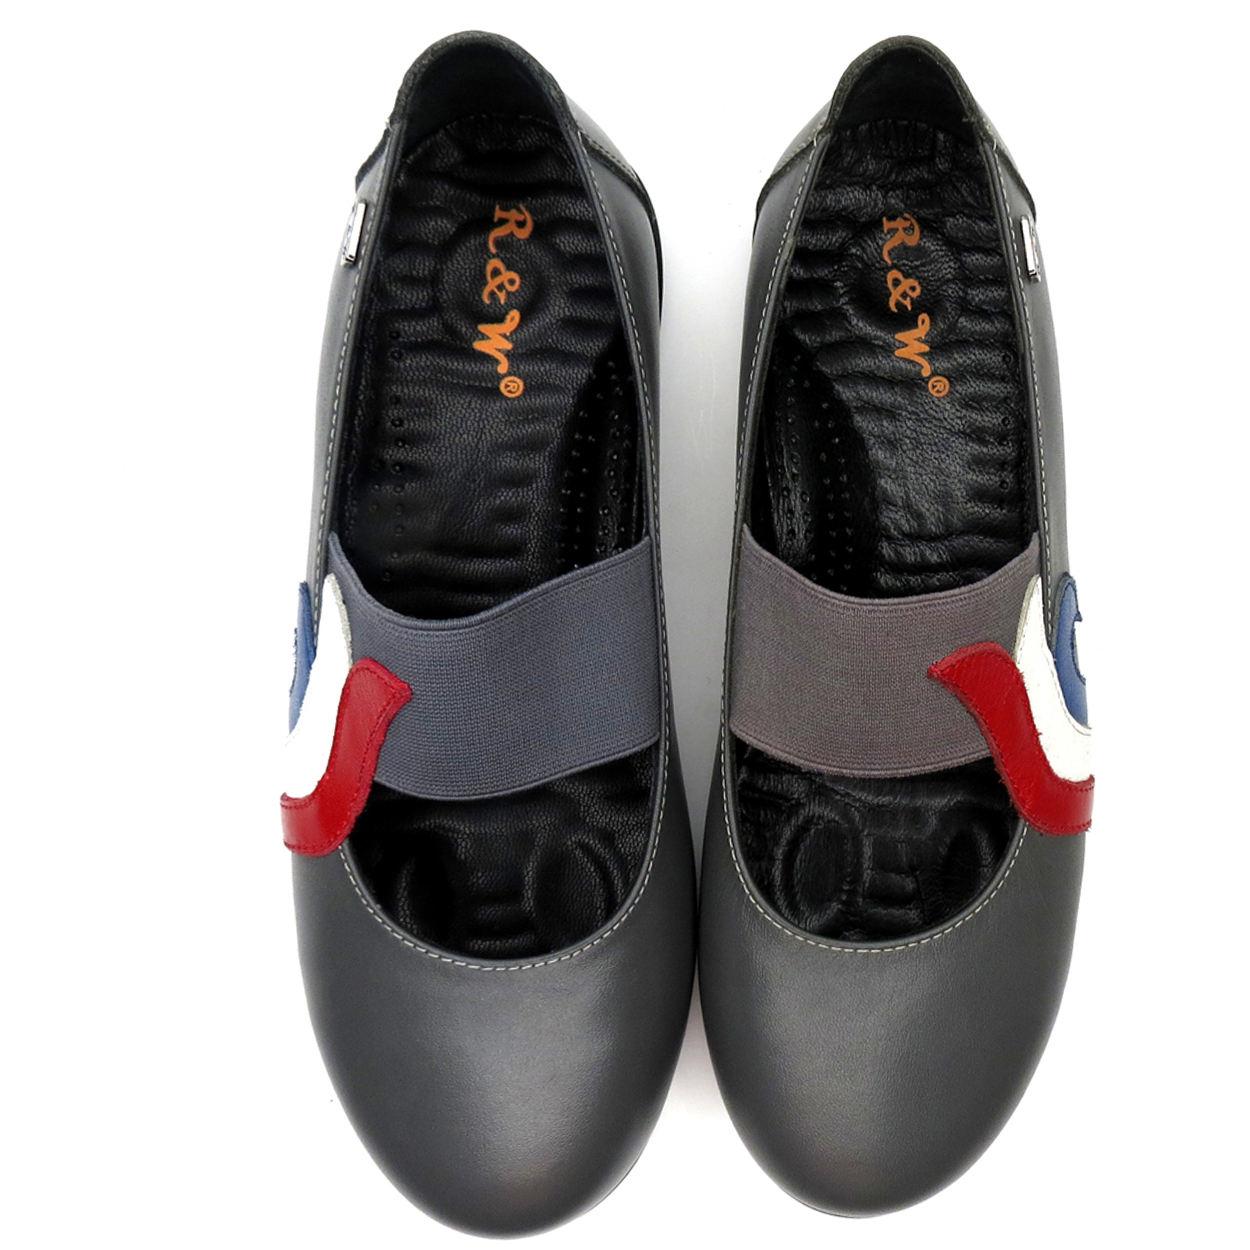 کفش روزمره زنانه آر اند دبلیو مدل 982 رنگ طوسی -  - 7